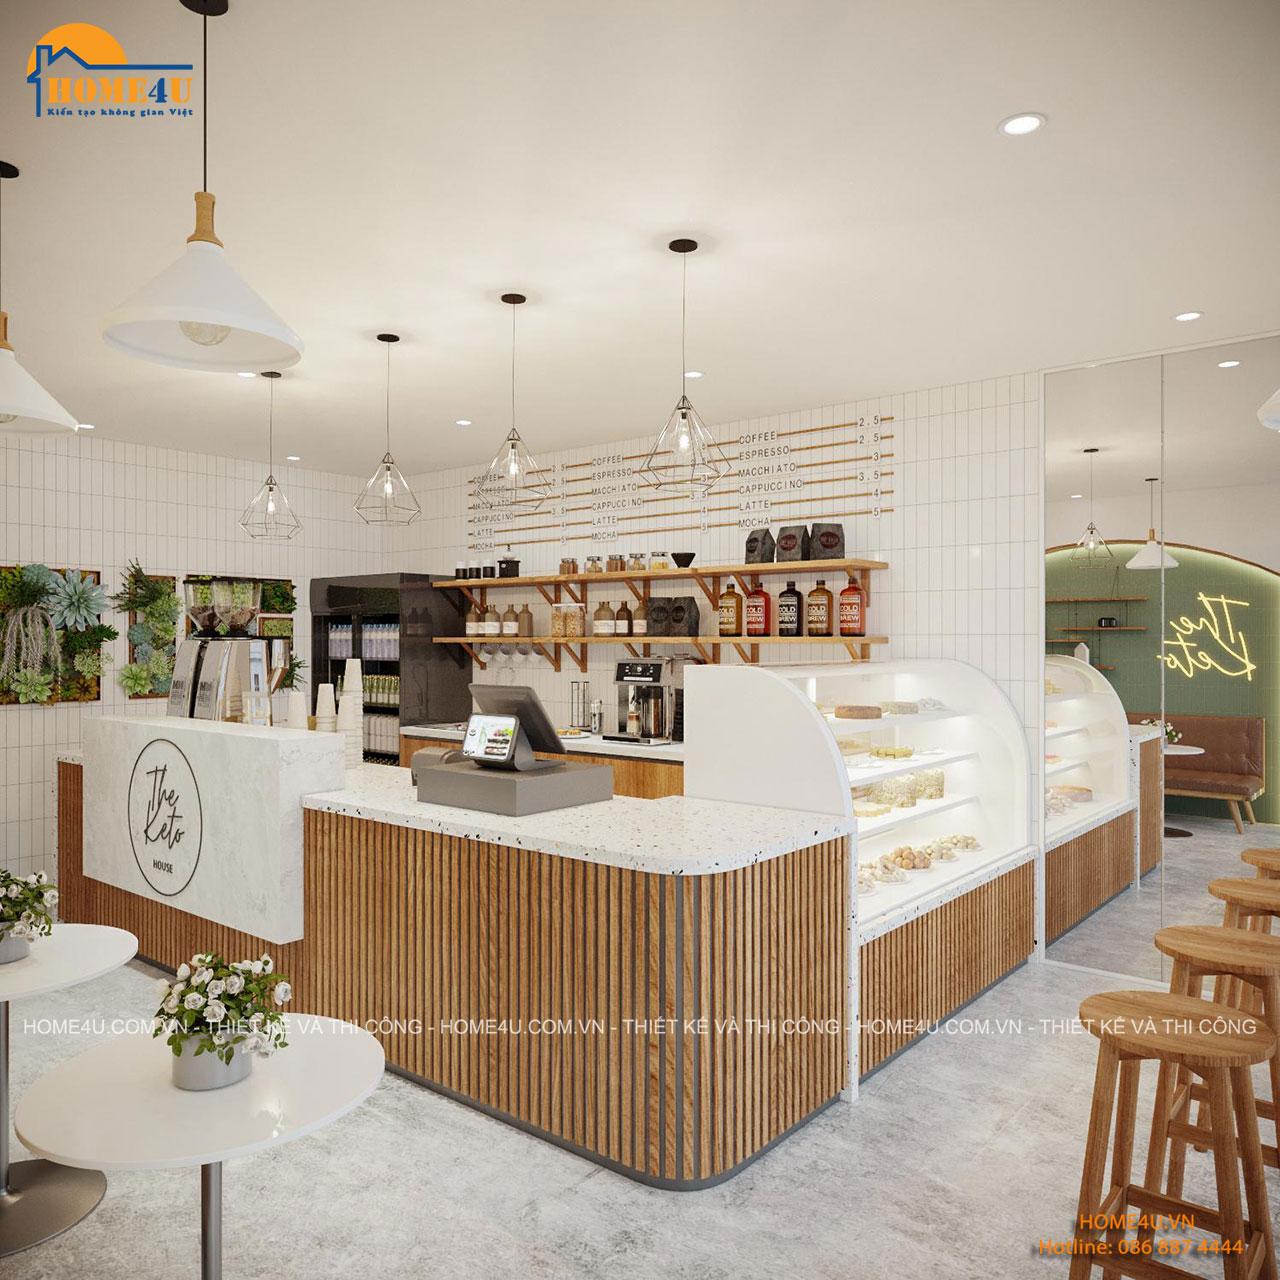 Thiết kế nội thất cửa hàng The Keto House anh Tùng - NTCH2001